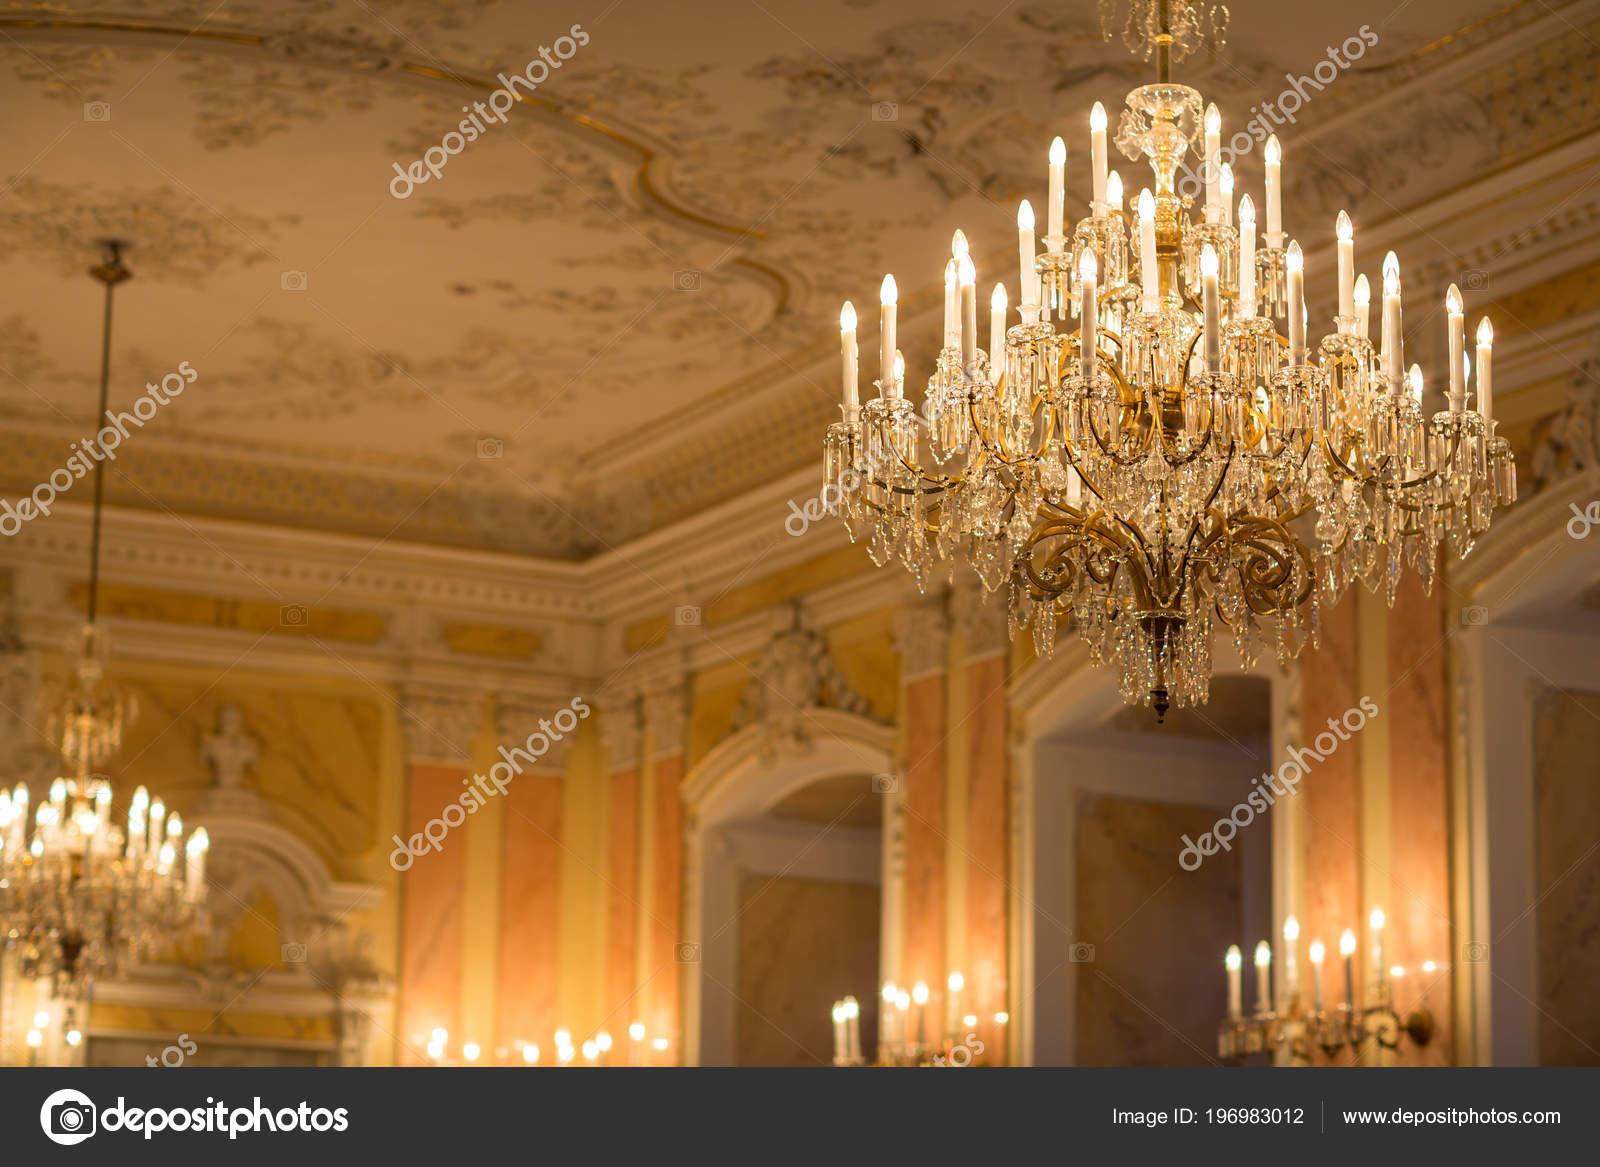 Kronleuchter Indien ~ Kristall kronleuchter einem prächtigen barocken raum u stockfoto